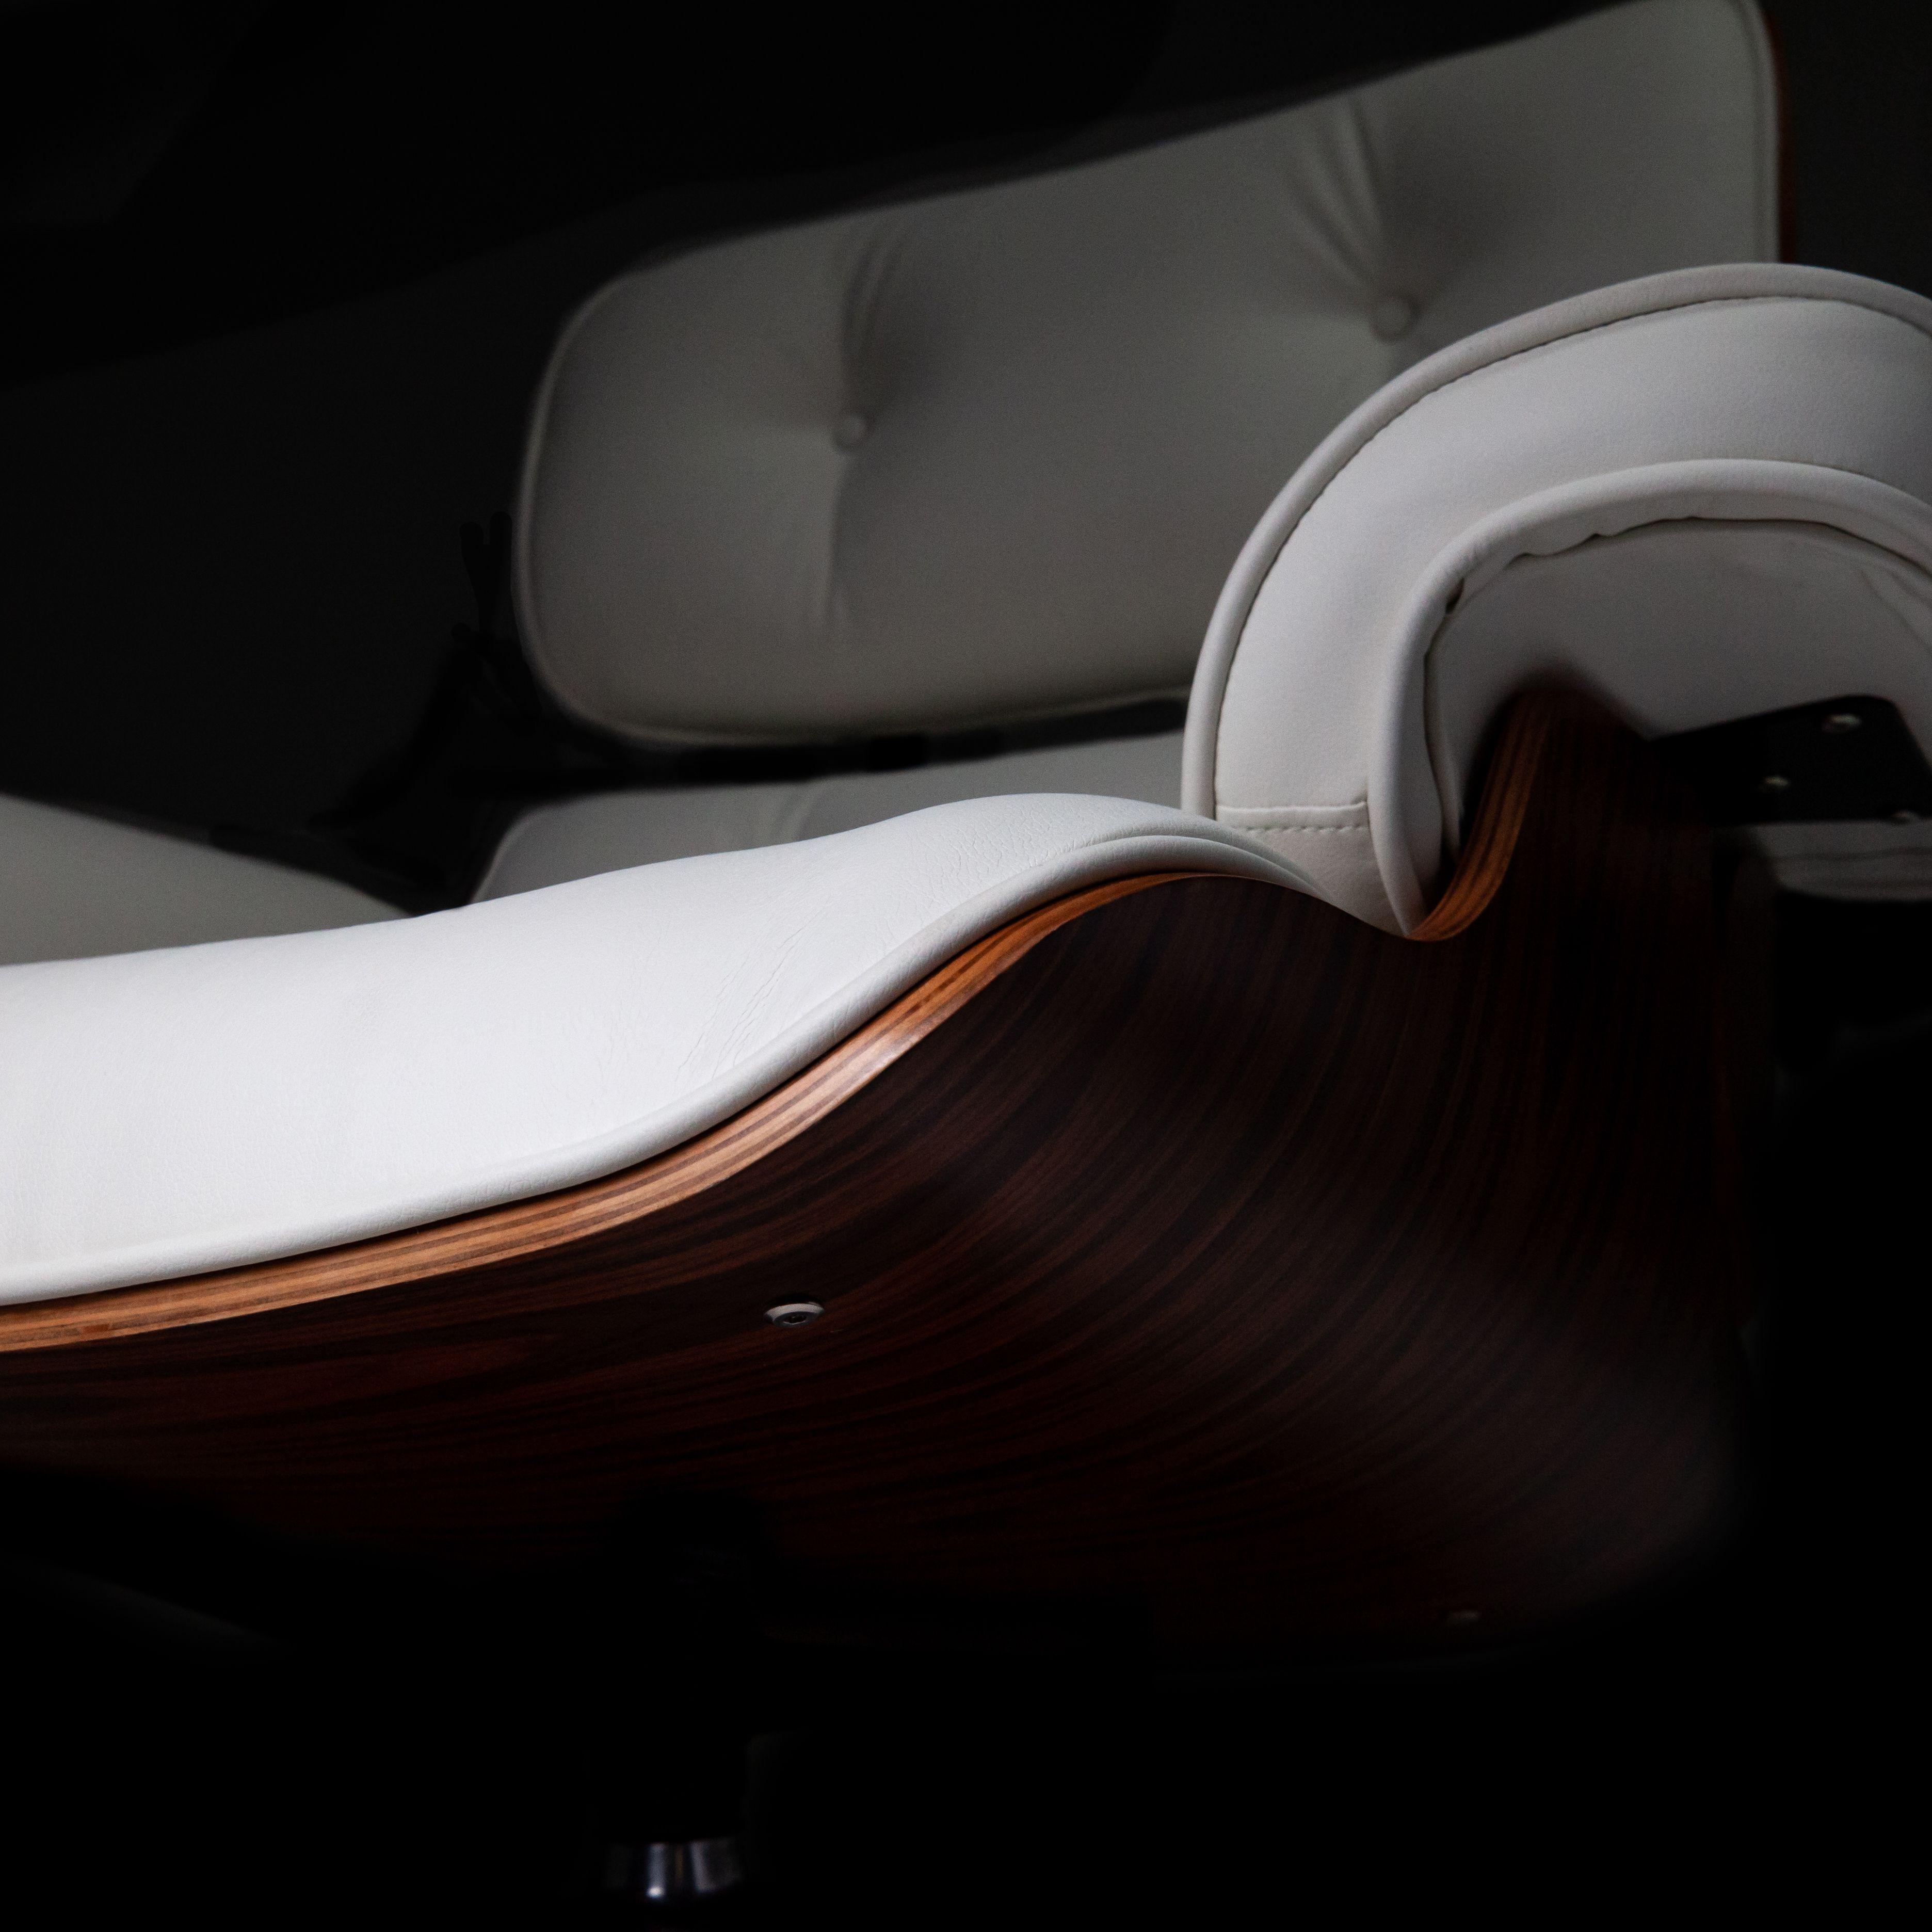 Fauteuil Glostrup met voetenbankje - Wit - LiL Design